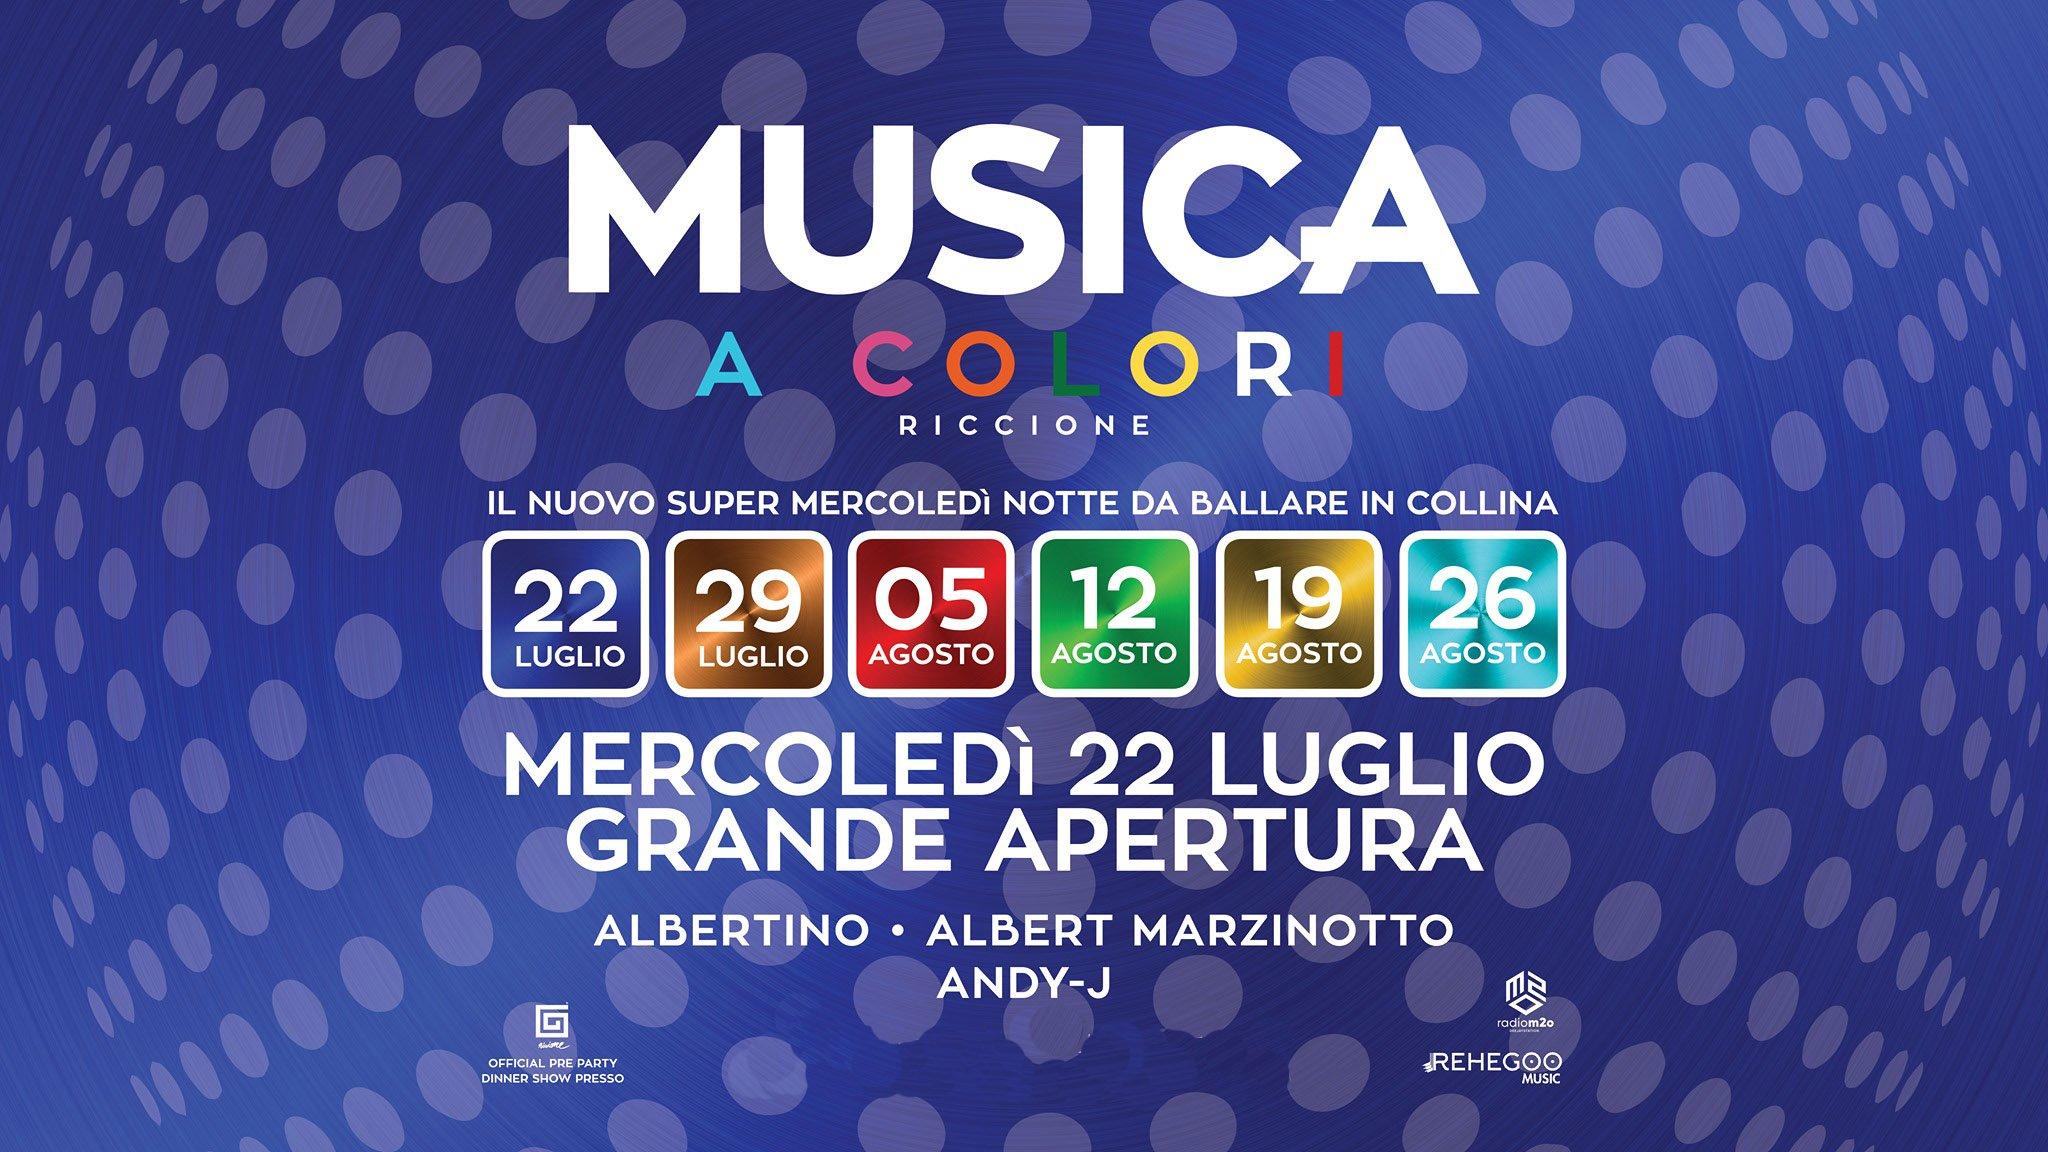 Albertino Musica Riccione Mercoledì 22 07 2020